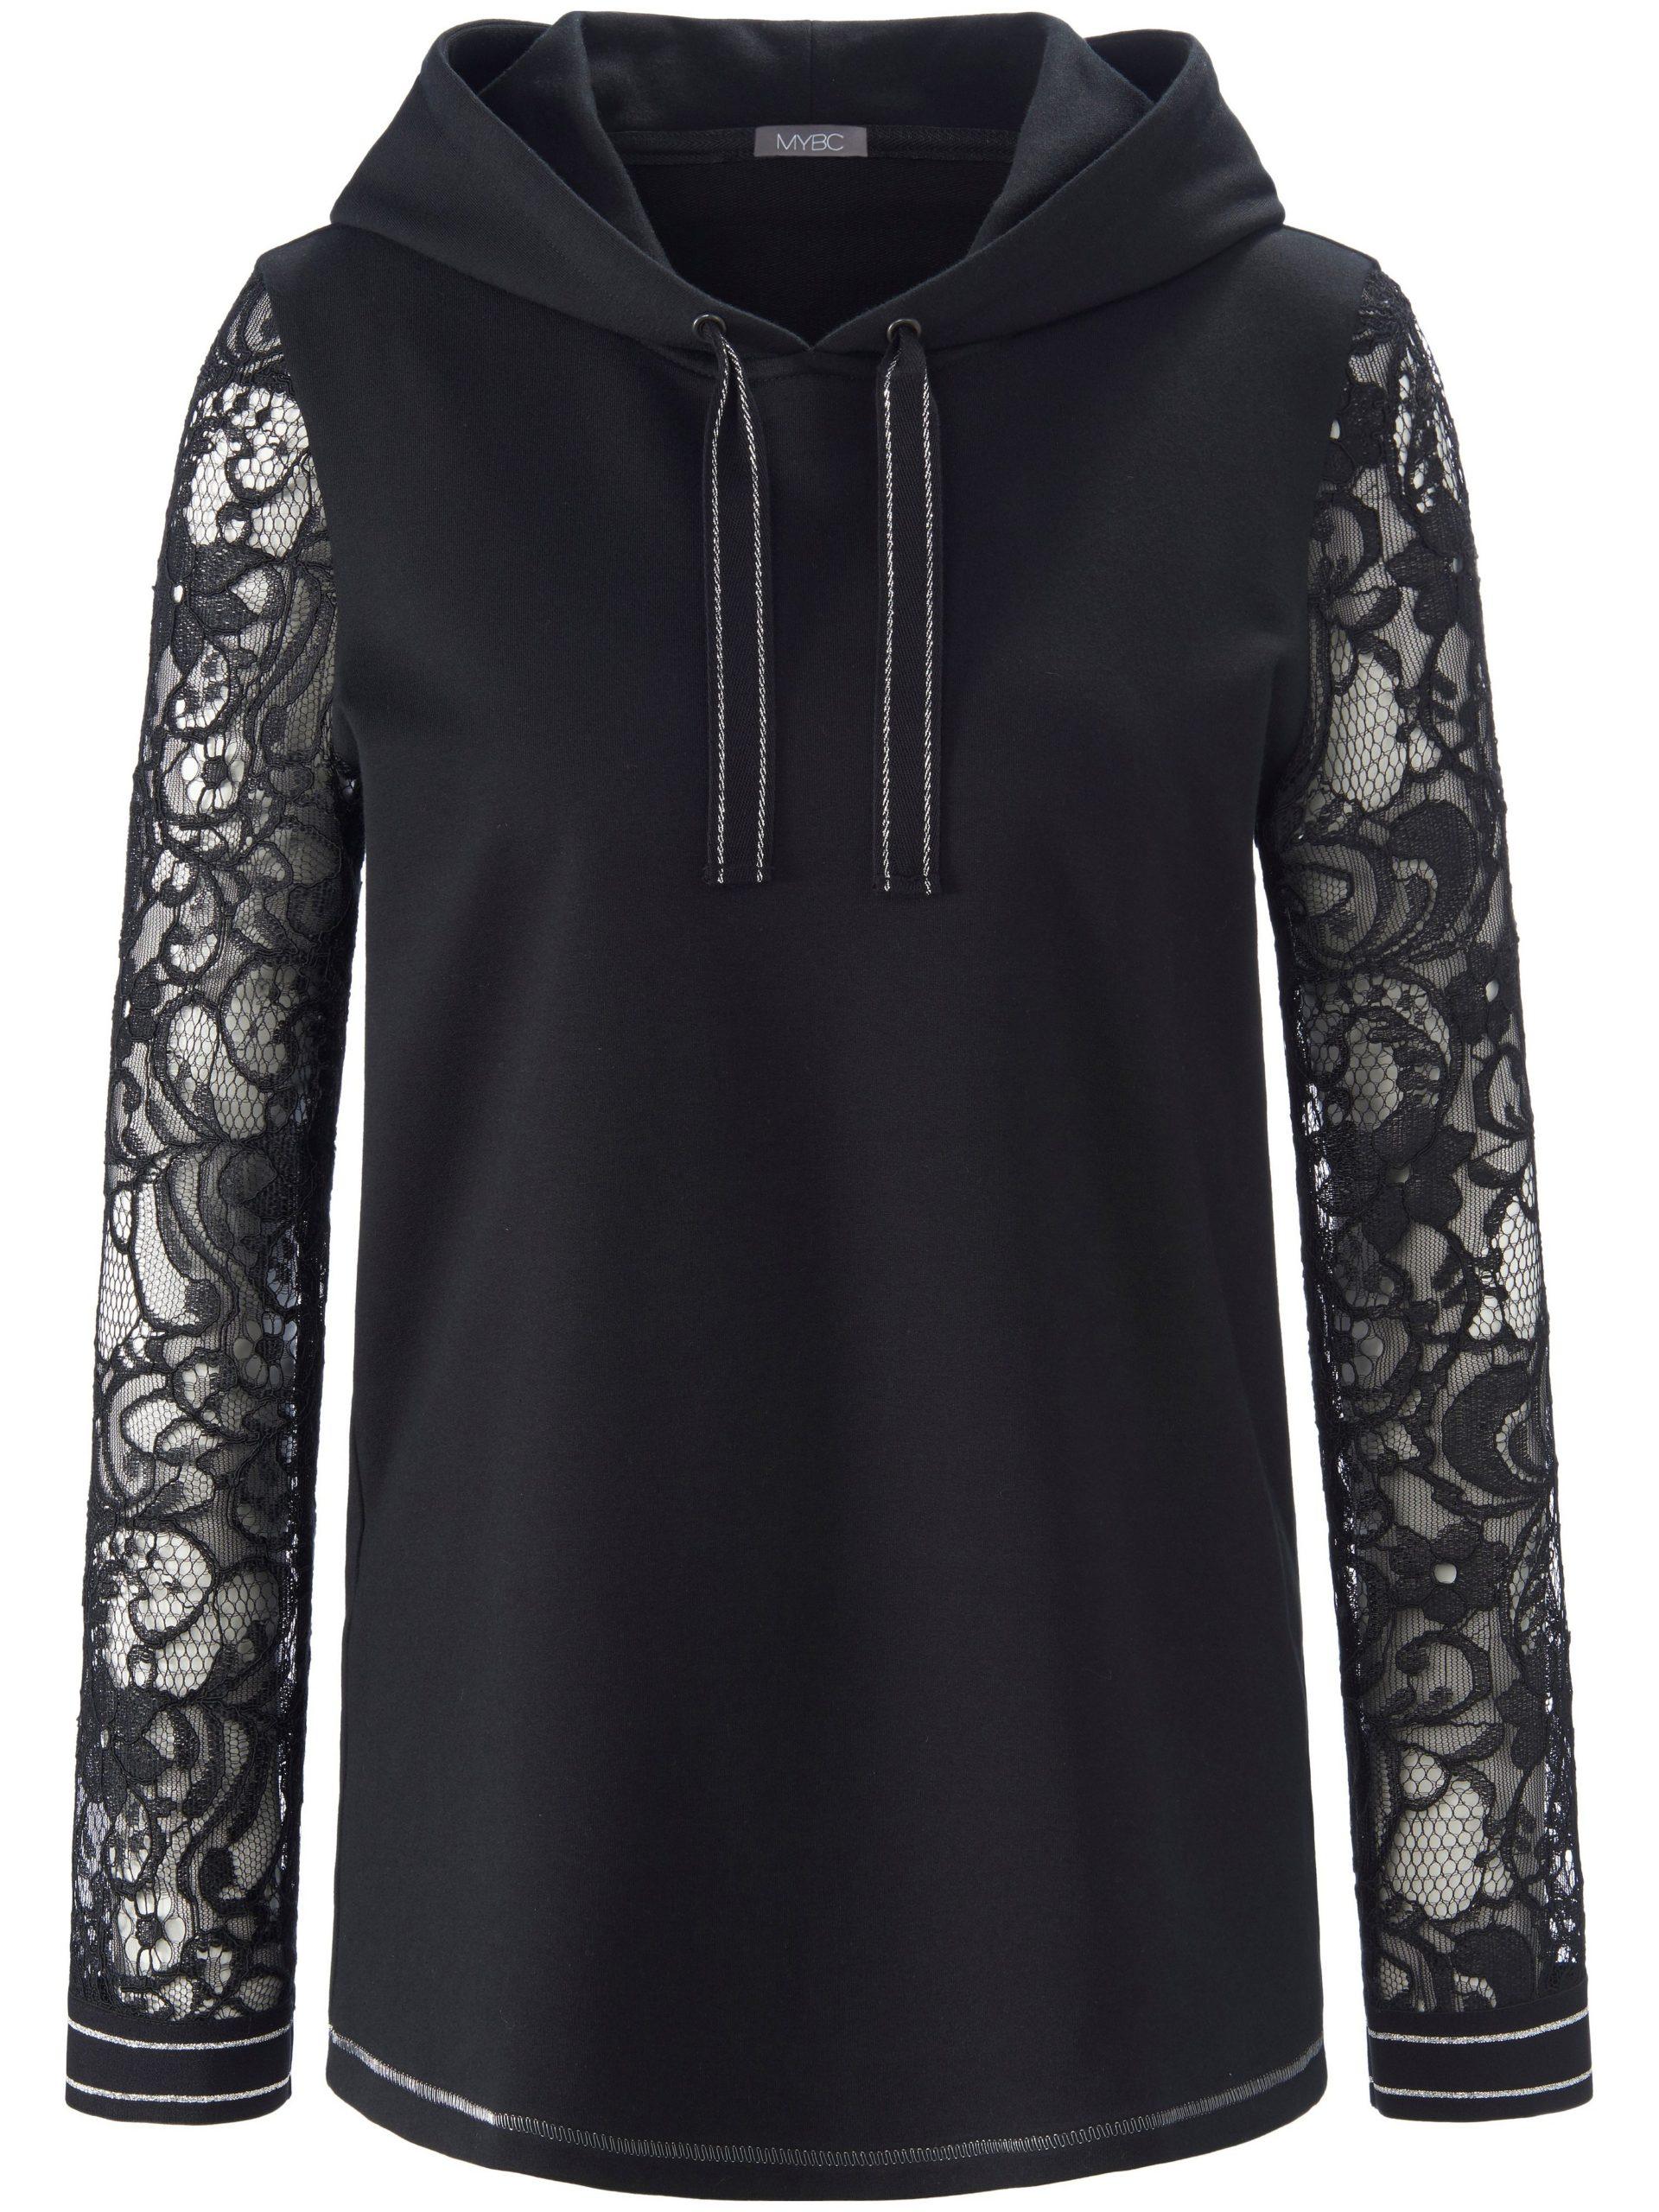 Sweatshirt met lange mouwen Van MYBC zwart Kopen